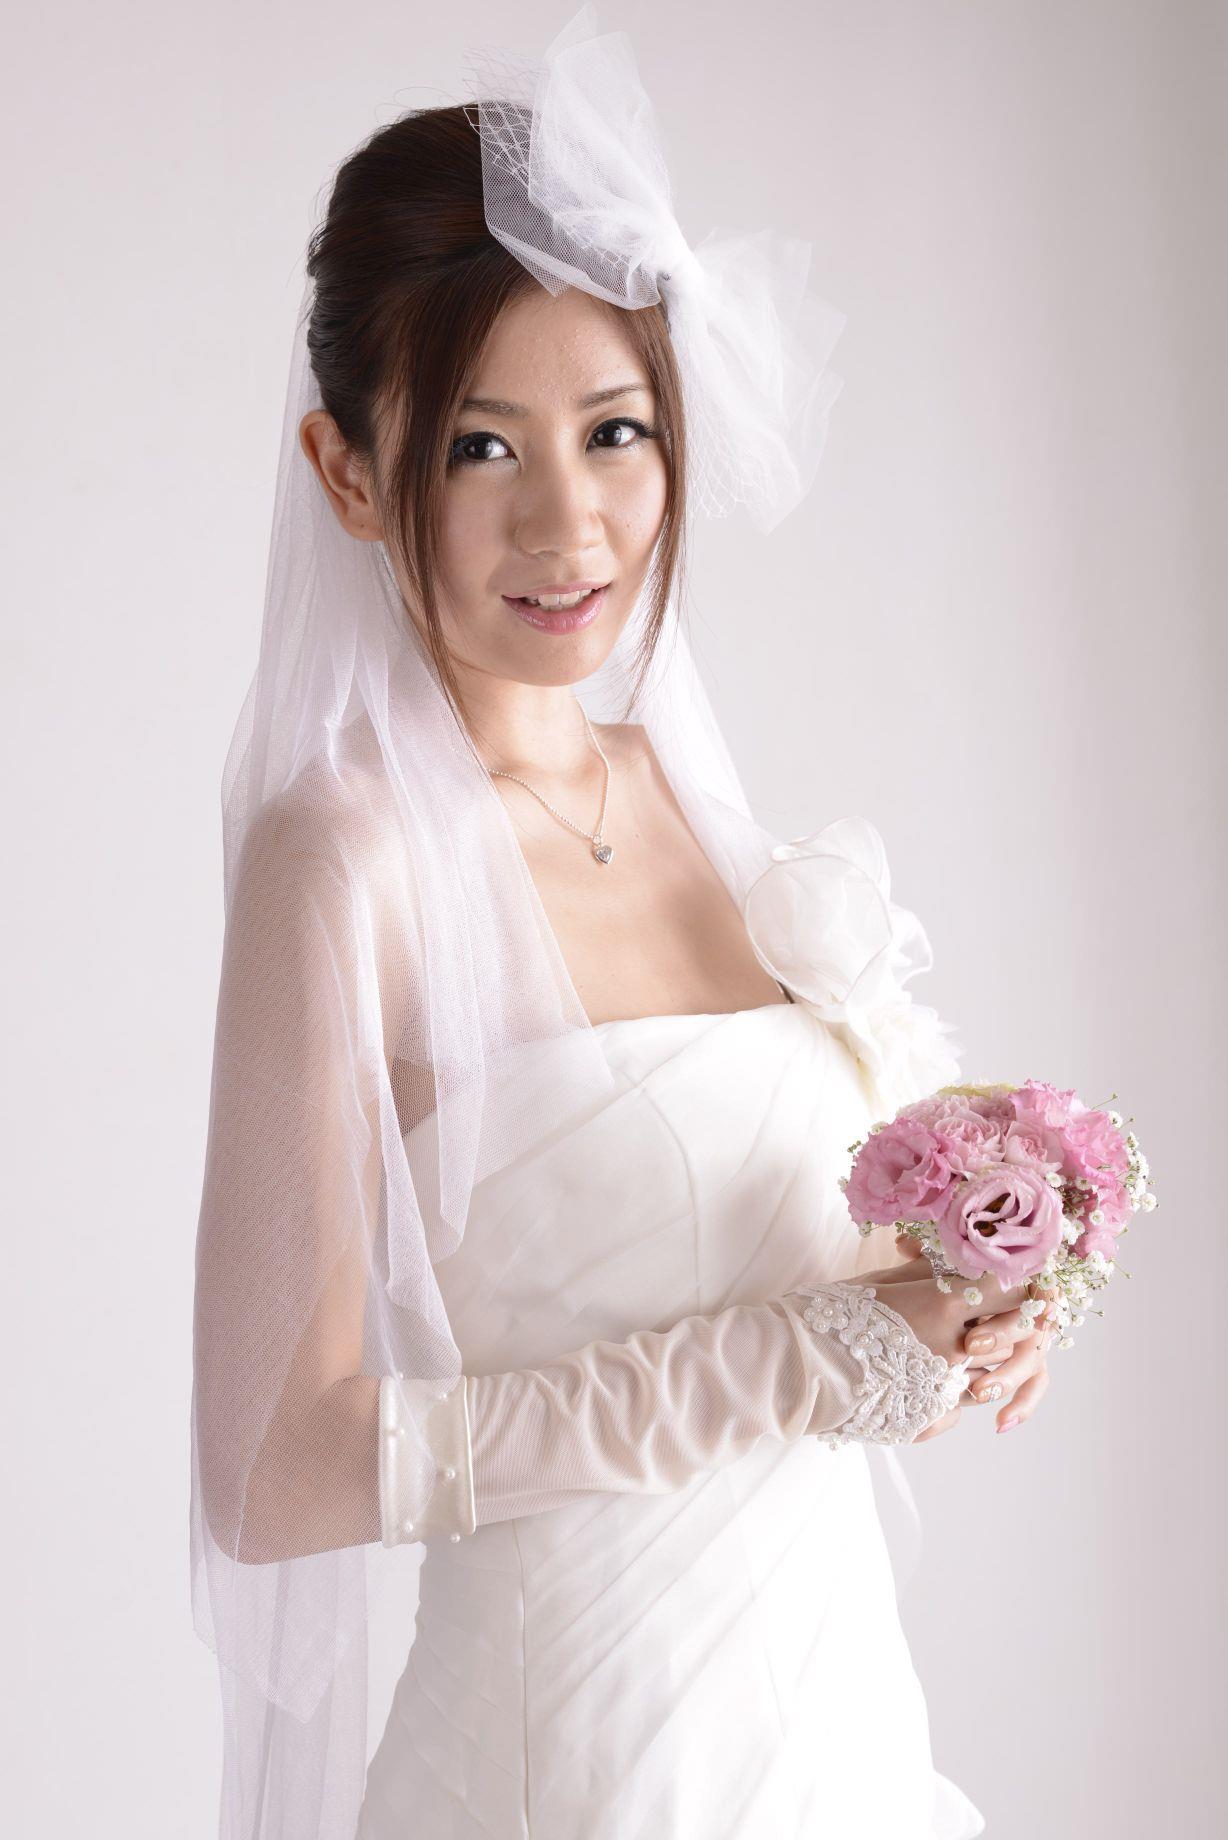 前田かおり ウェディングドレス画像 4